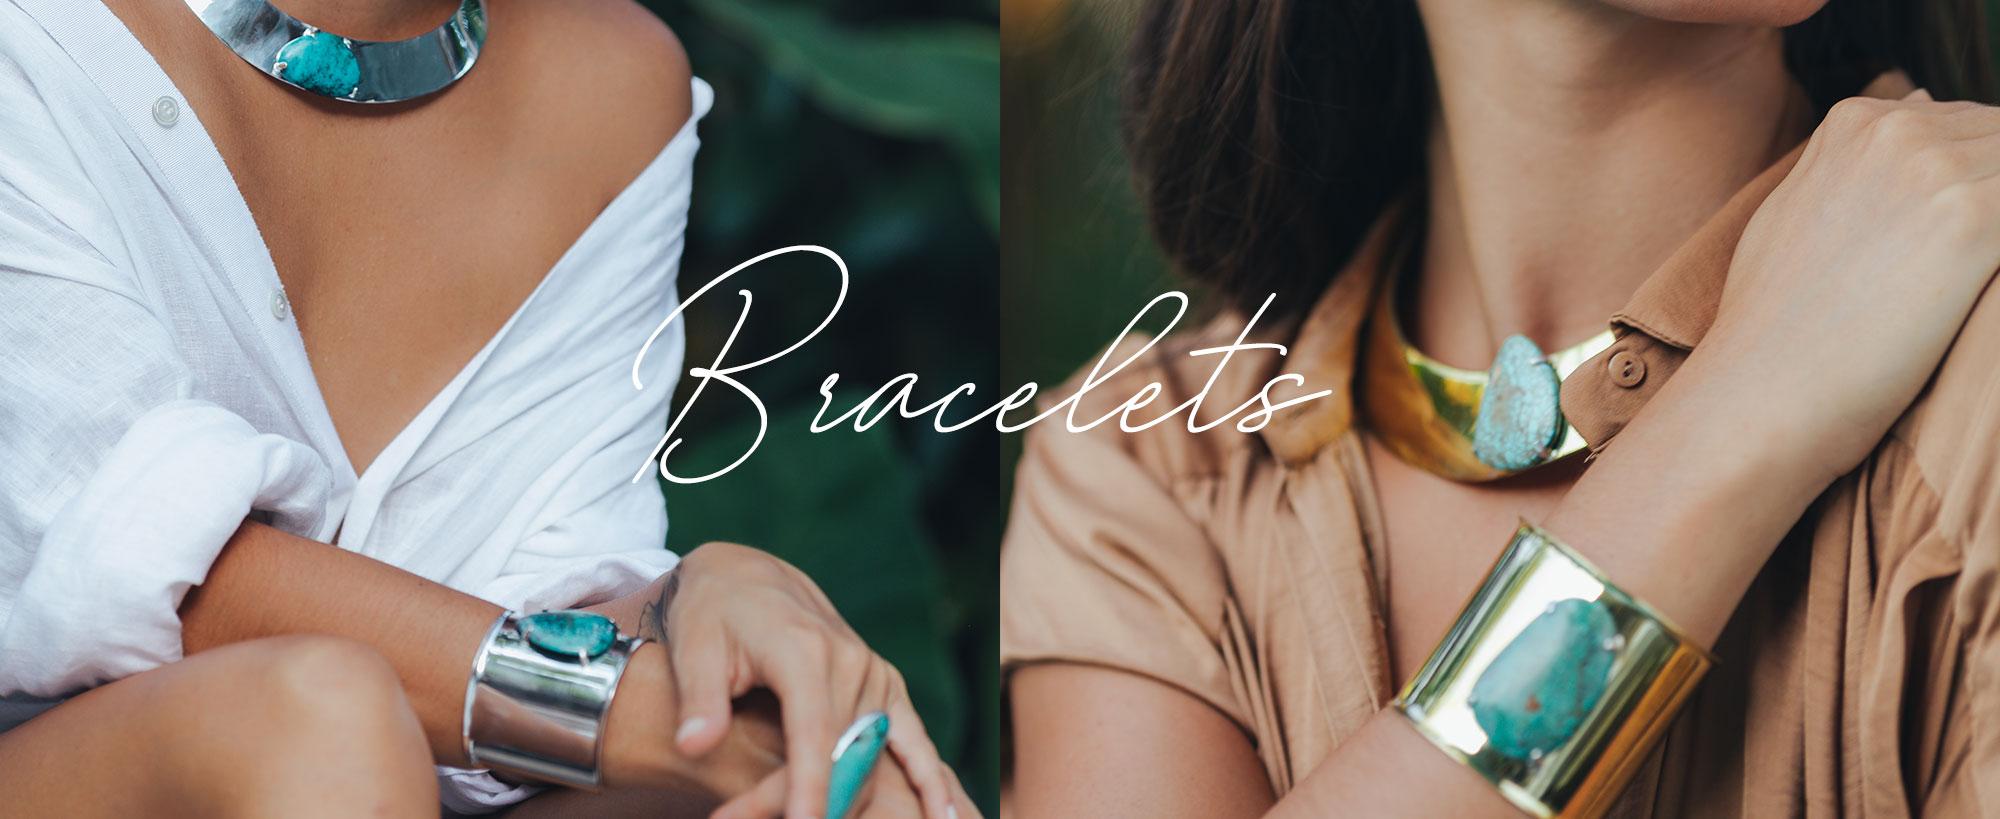 bracelets-femme-slid